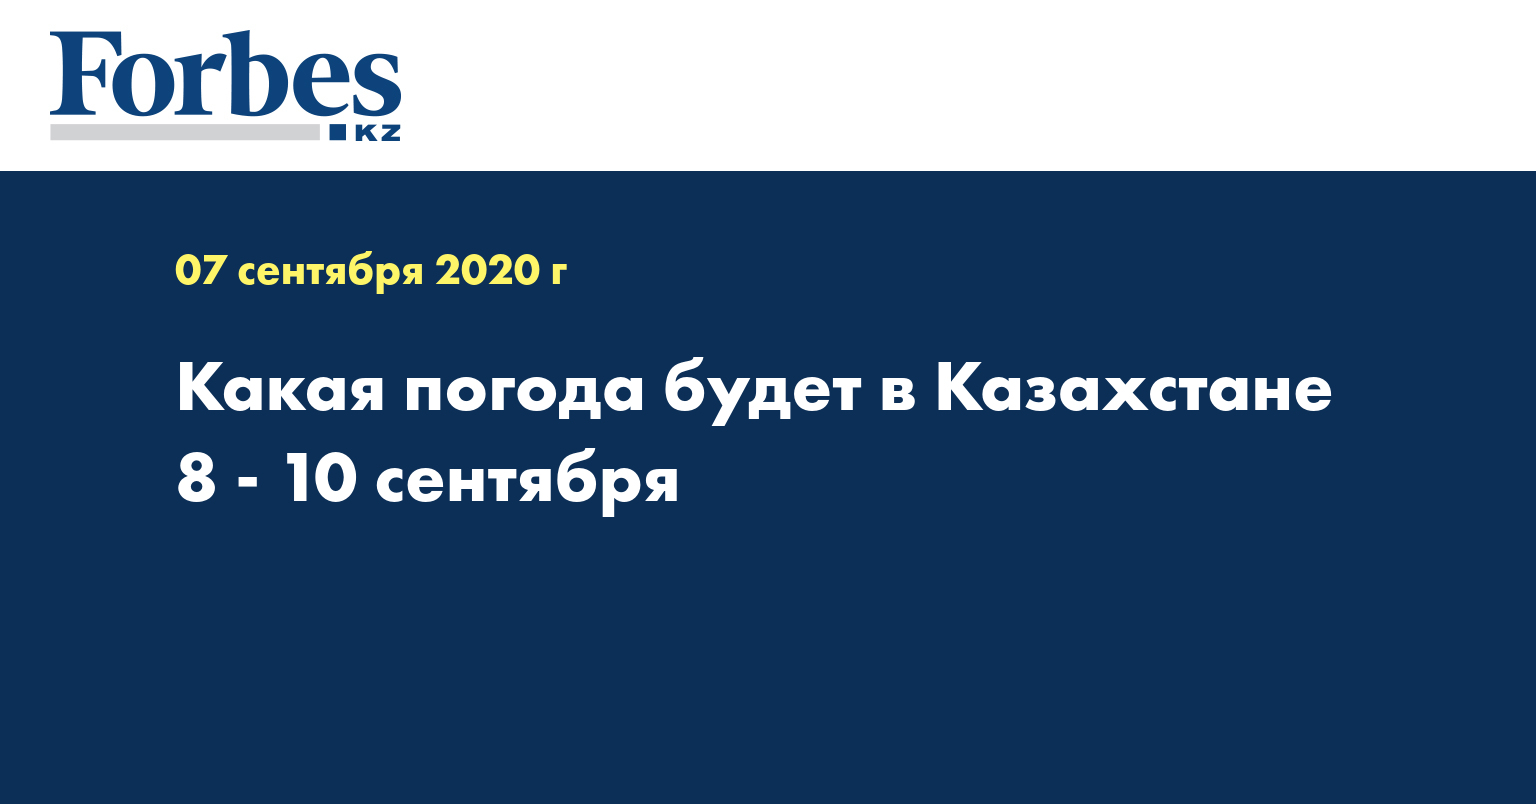 Какая погода будет в Казахстане 8 - 10 сентября